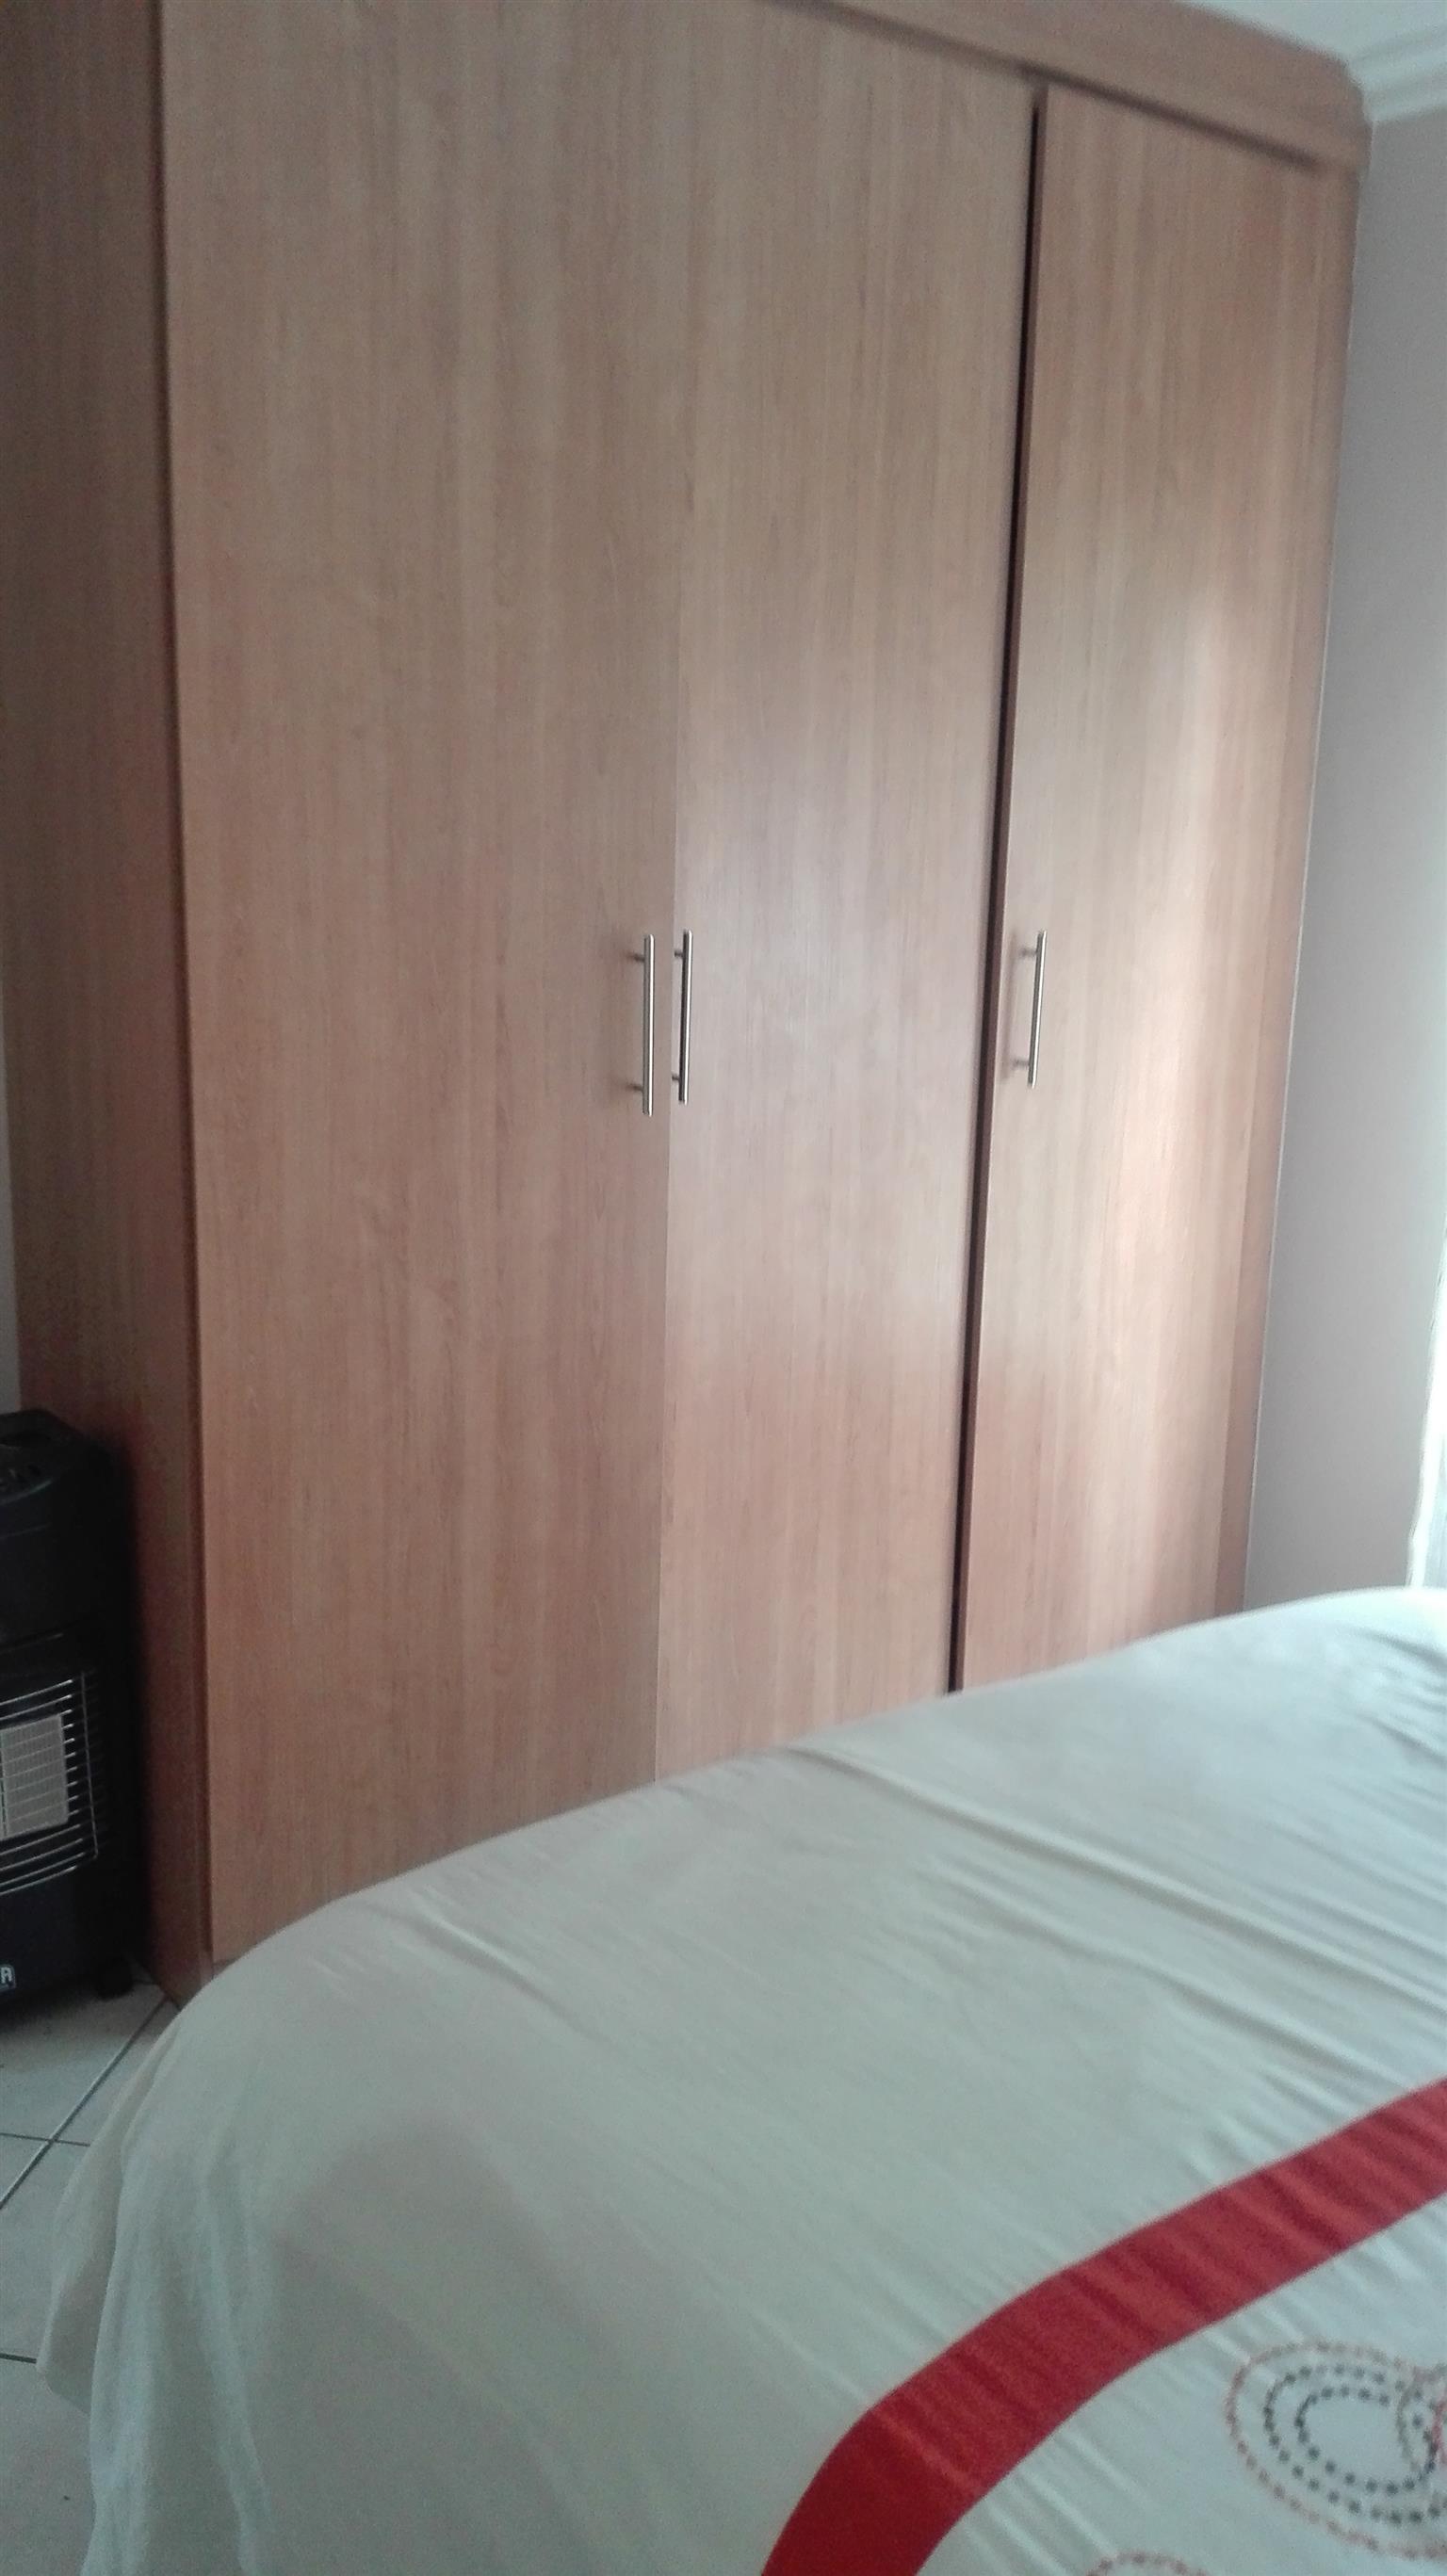 WILLOW PARK MANOR.  3 BEDROOM SIMPLEX